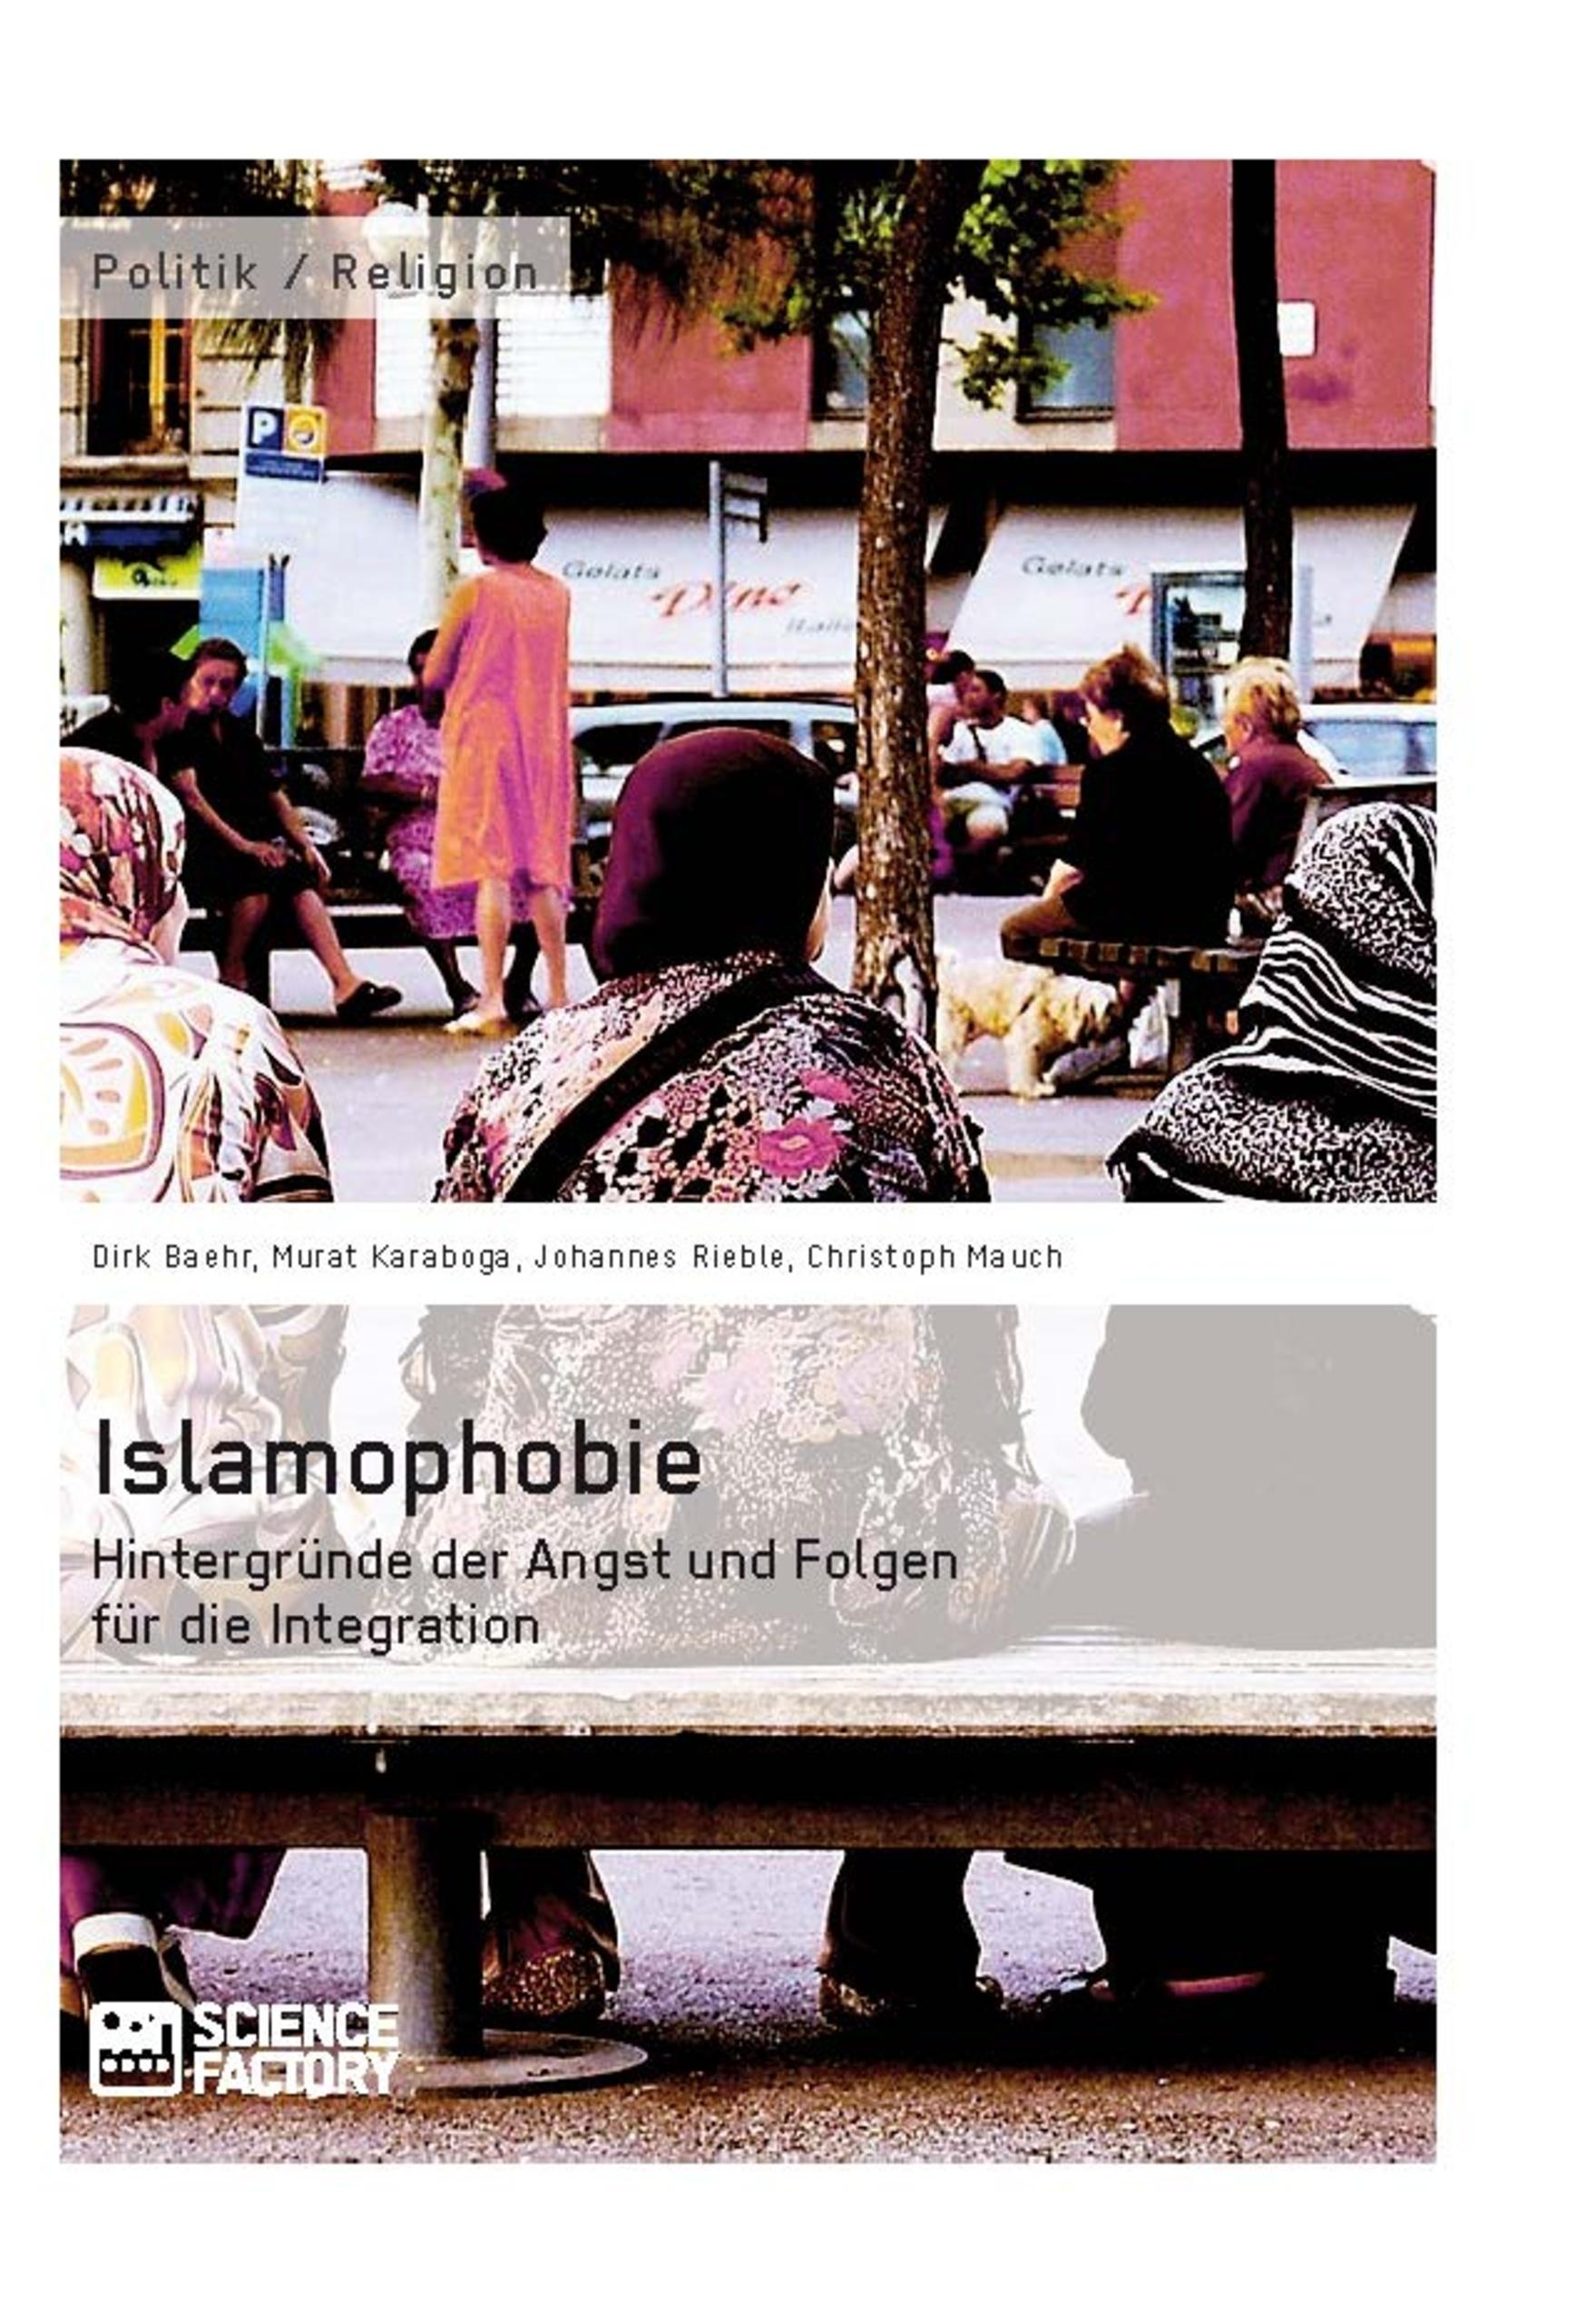 Titel: Islamophobie. Hintergründe der Angst und Folgen für die Integration